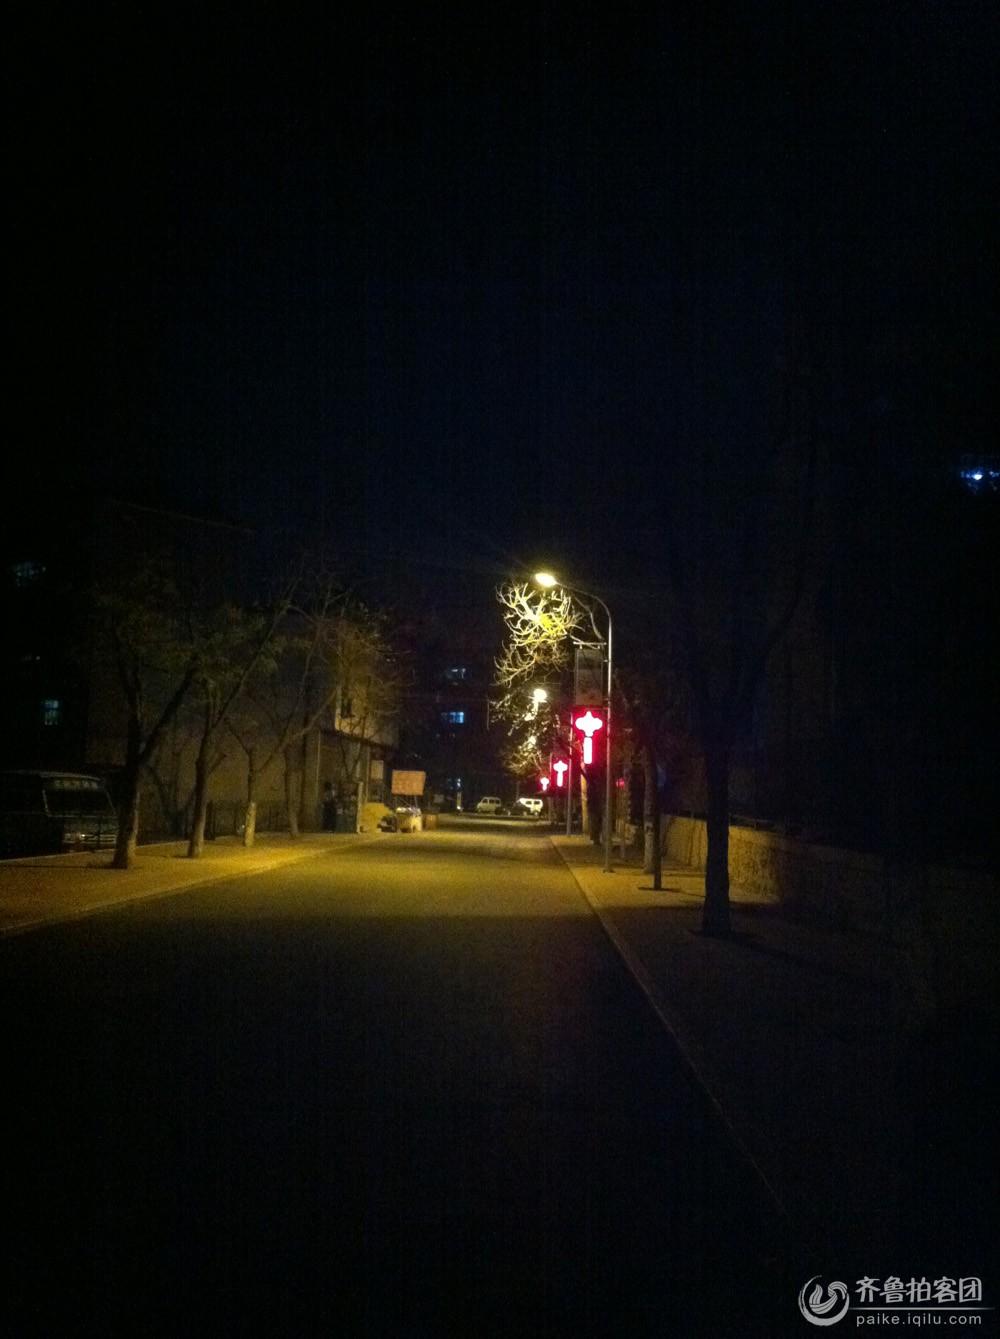 喜欢一个人在夜晚散步,没有了白天的喧嚣与吵闹,静静地走,不用考虑太多的问题,只是享受那一片属于自己一个人的安静。没有了刺眼的日光,慢慢地走,偶尔抬头看看路灯,然后低头看被路灯拉长的身影,越走越远离路灯。一个人散步,不需要朋友陪伴,一个人有一个人的快乐与悲伤。